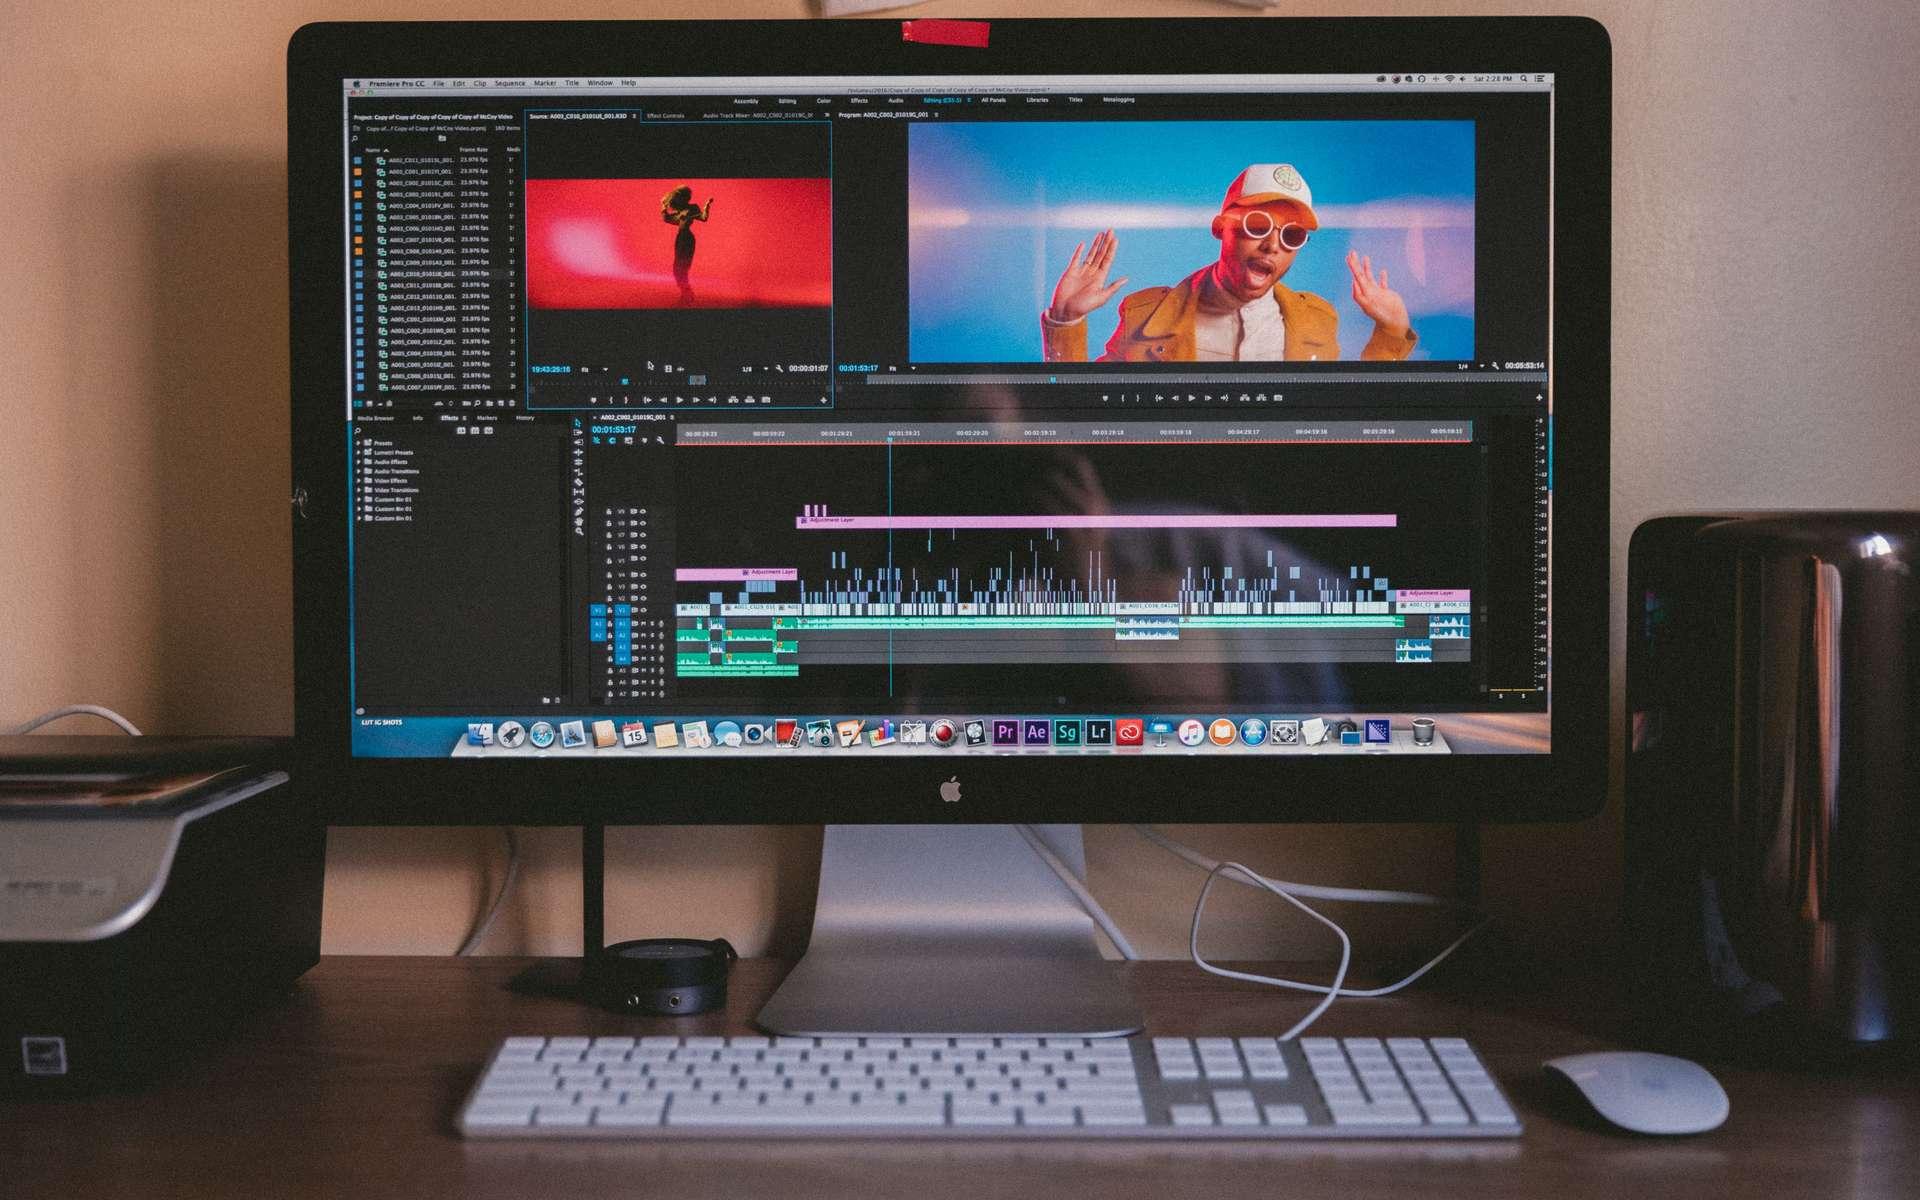 Lire une vidéo, changer sa taille et l'éditer sont les trois fonctions d'un convertisseur vidéo les plus plébiscitées. © Jakob Owens, Unsplash